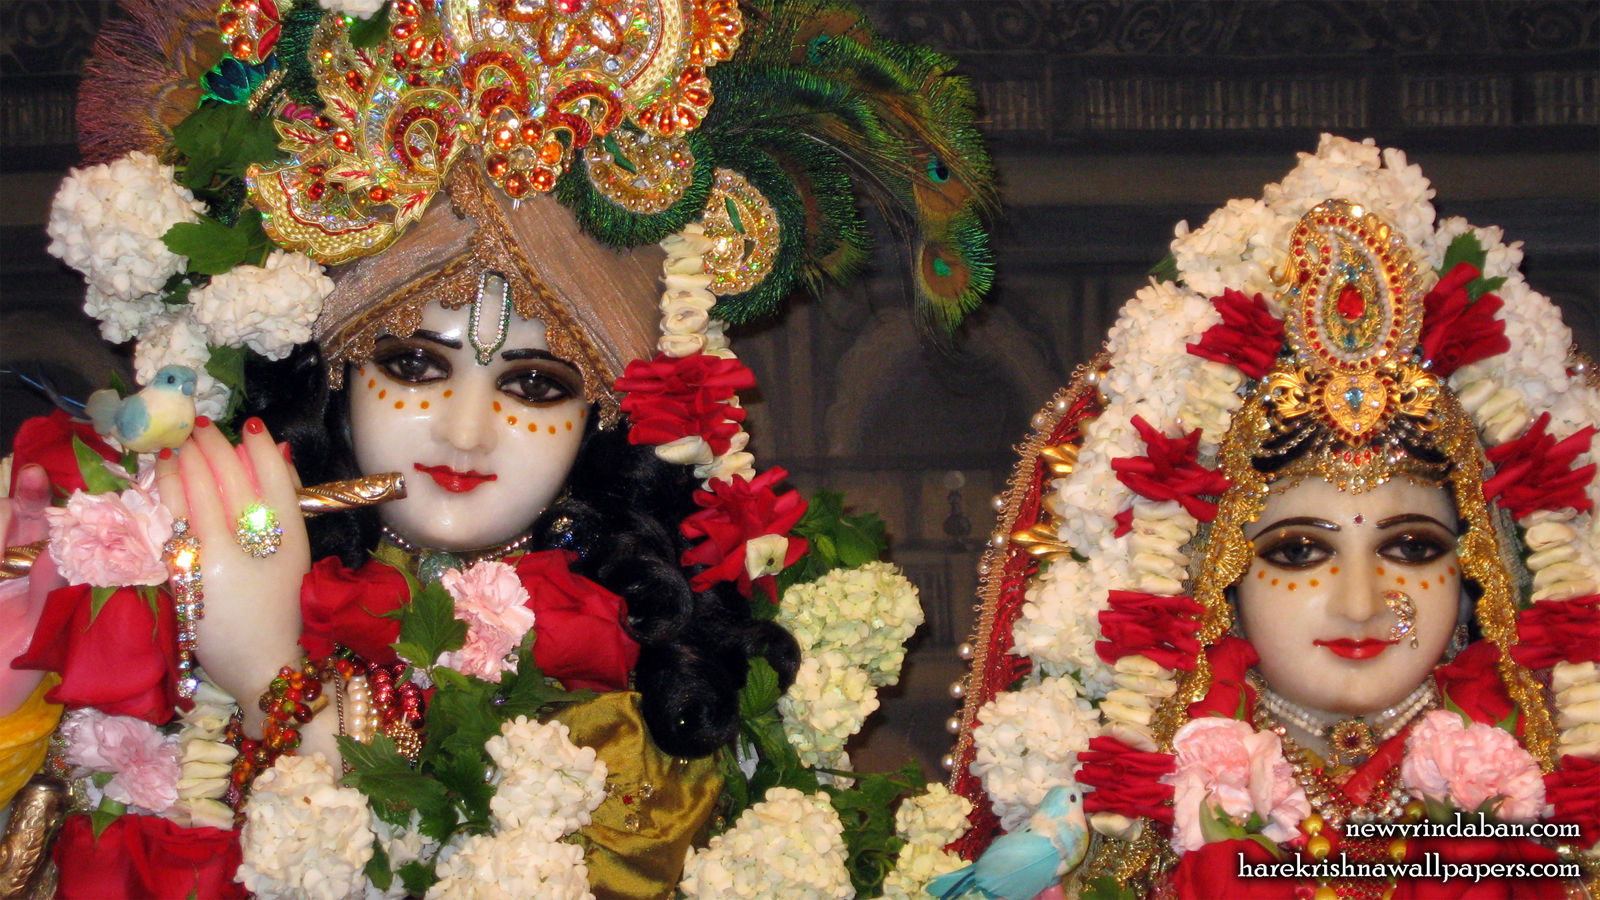 Sri Sri Radha Vrindavana Chandra Close up Wallpaper (003) Size 1600x900 Download